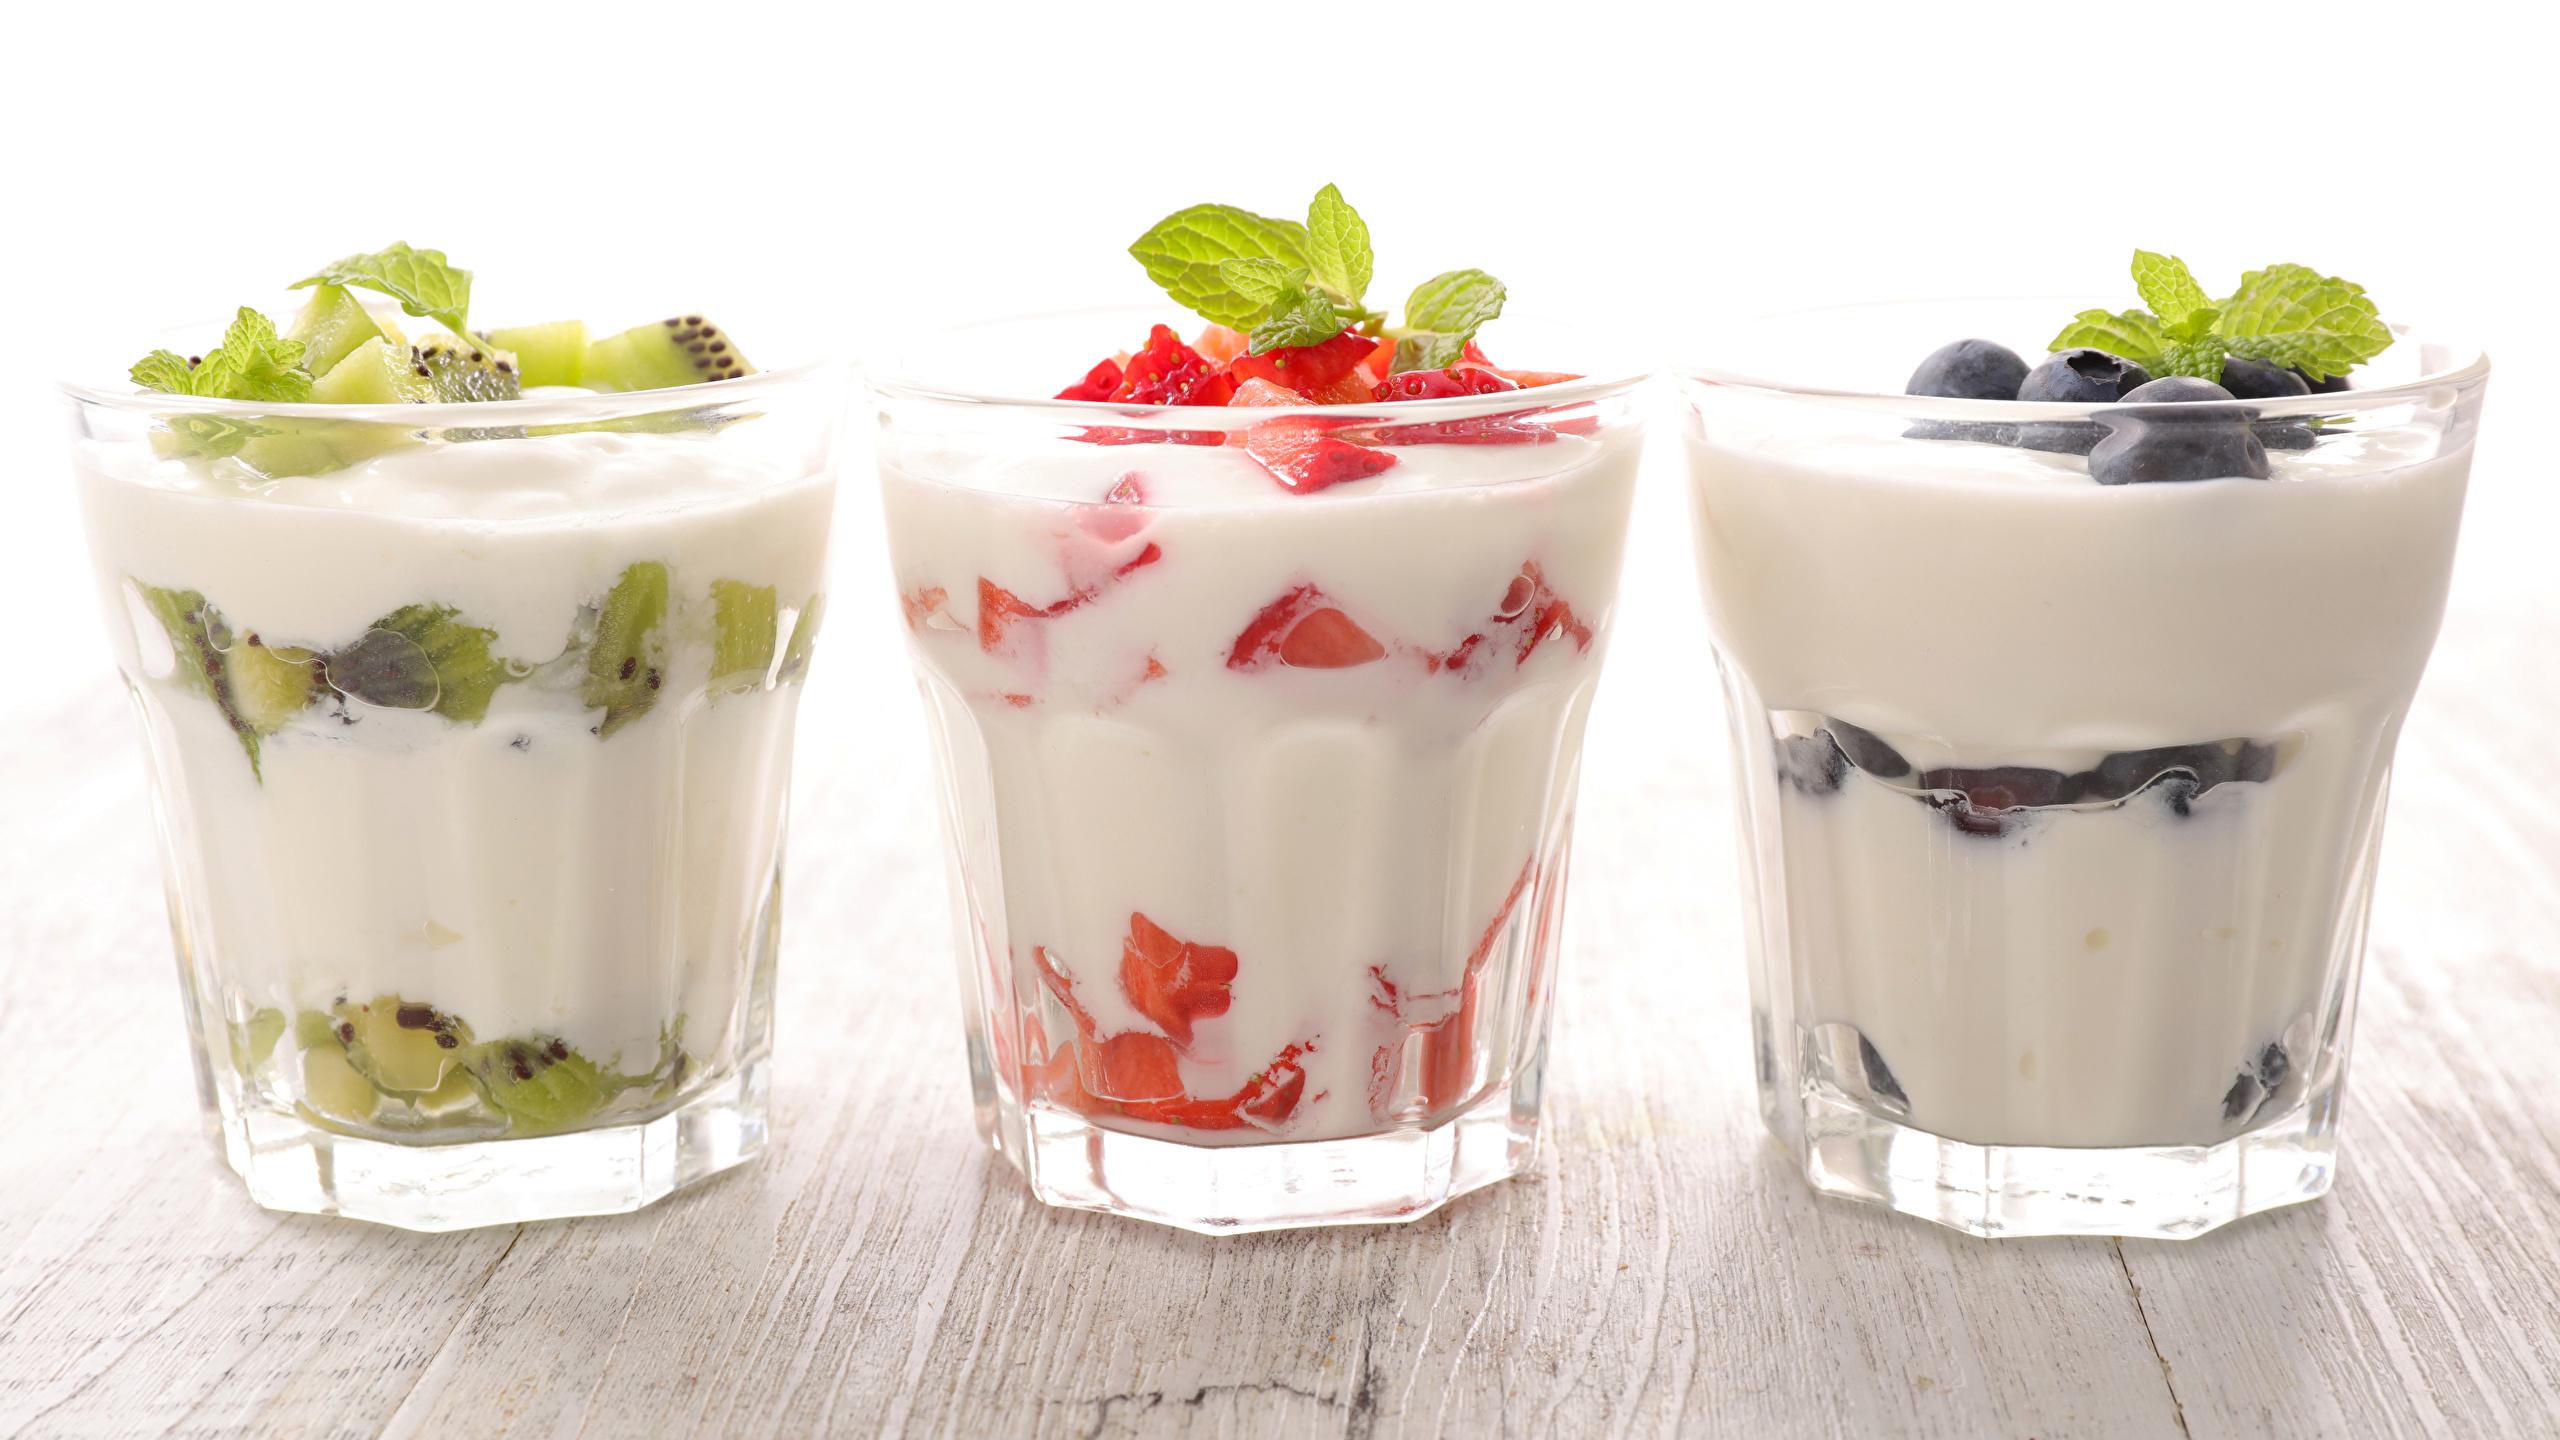 Фотографии Йогурт стакане Пища Трое 3 Фрукты 2560x1440 Стакан стакана Еда три втроем Продукты питания